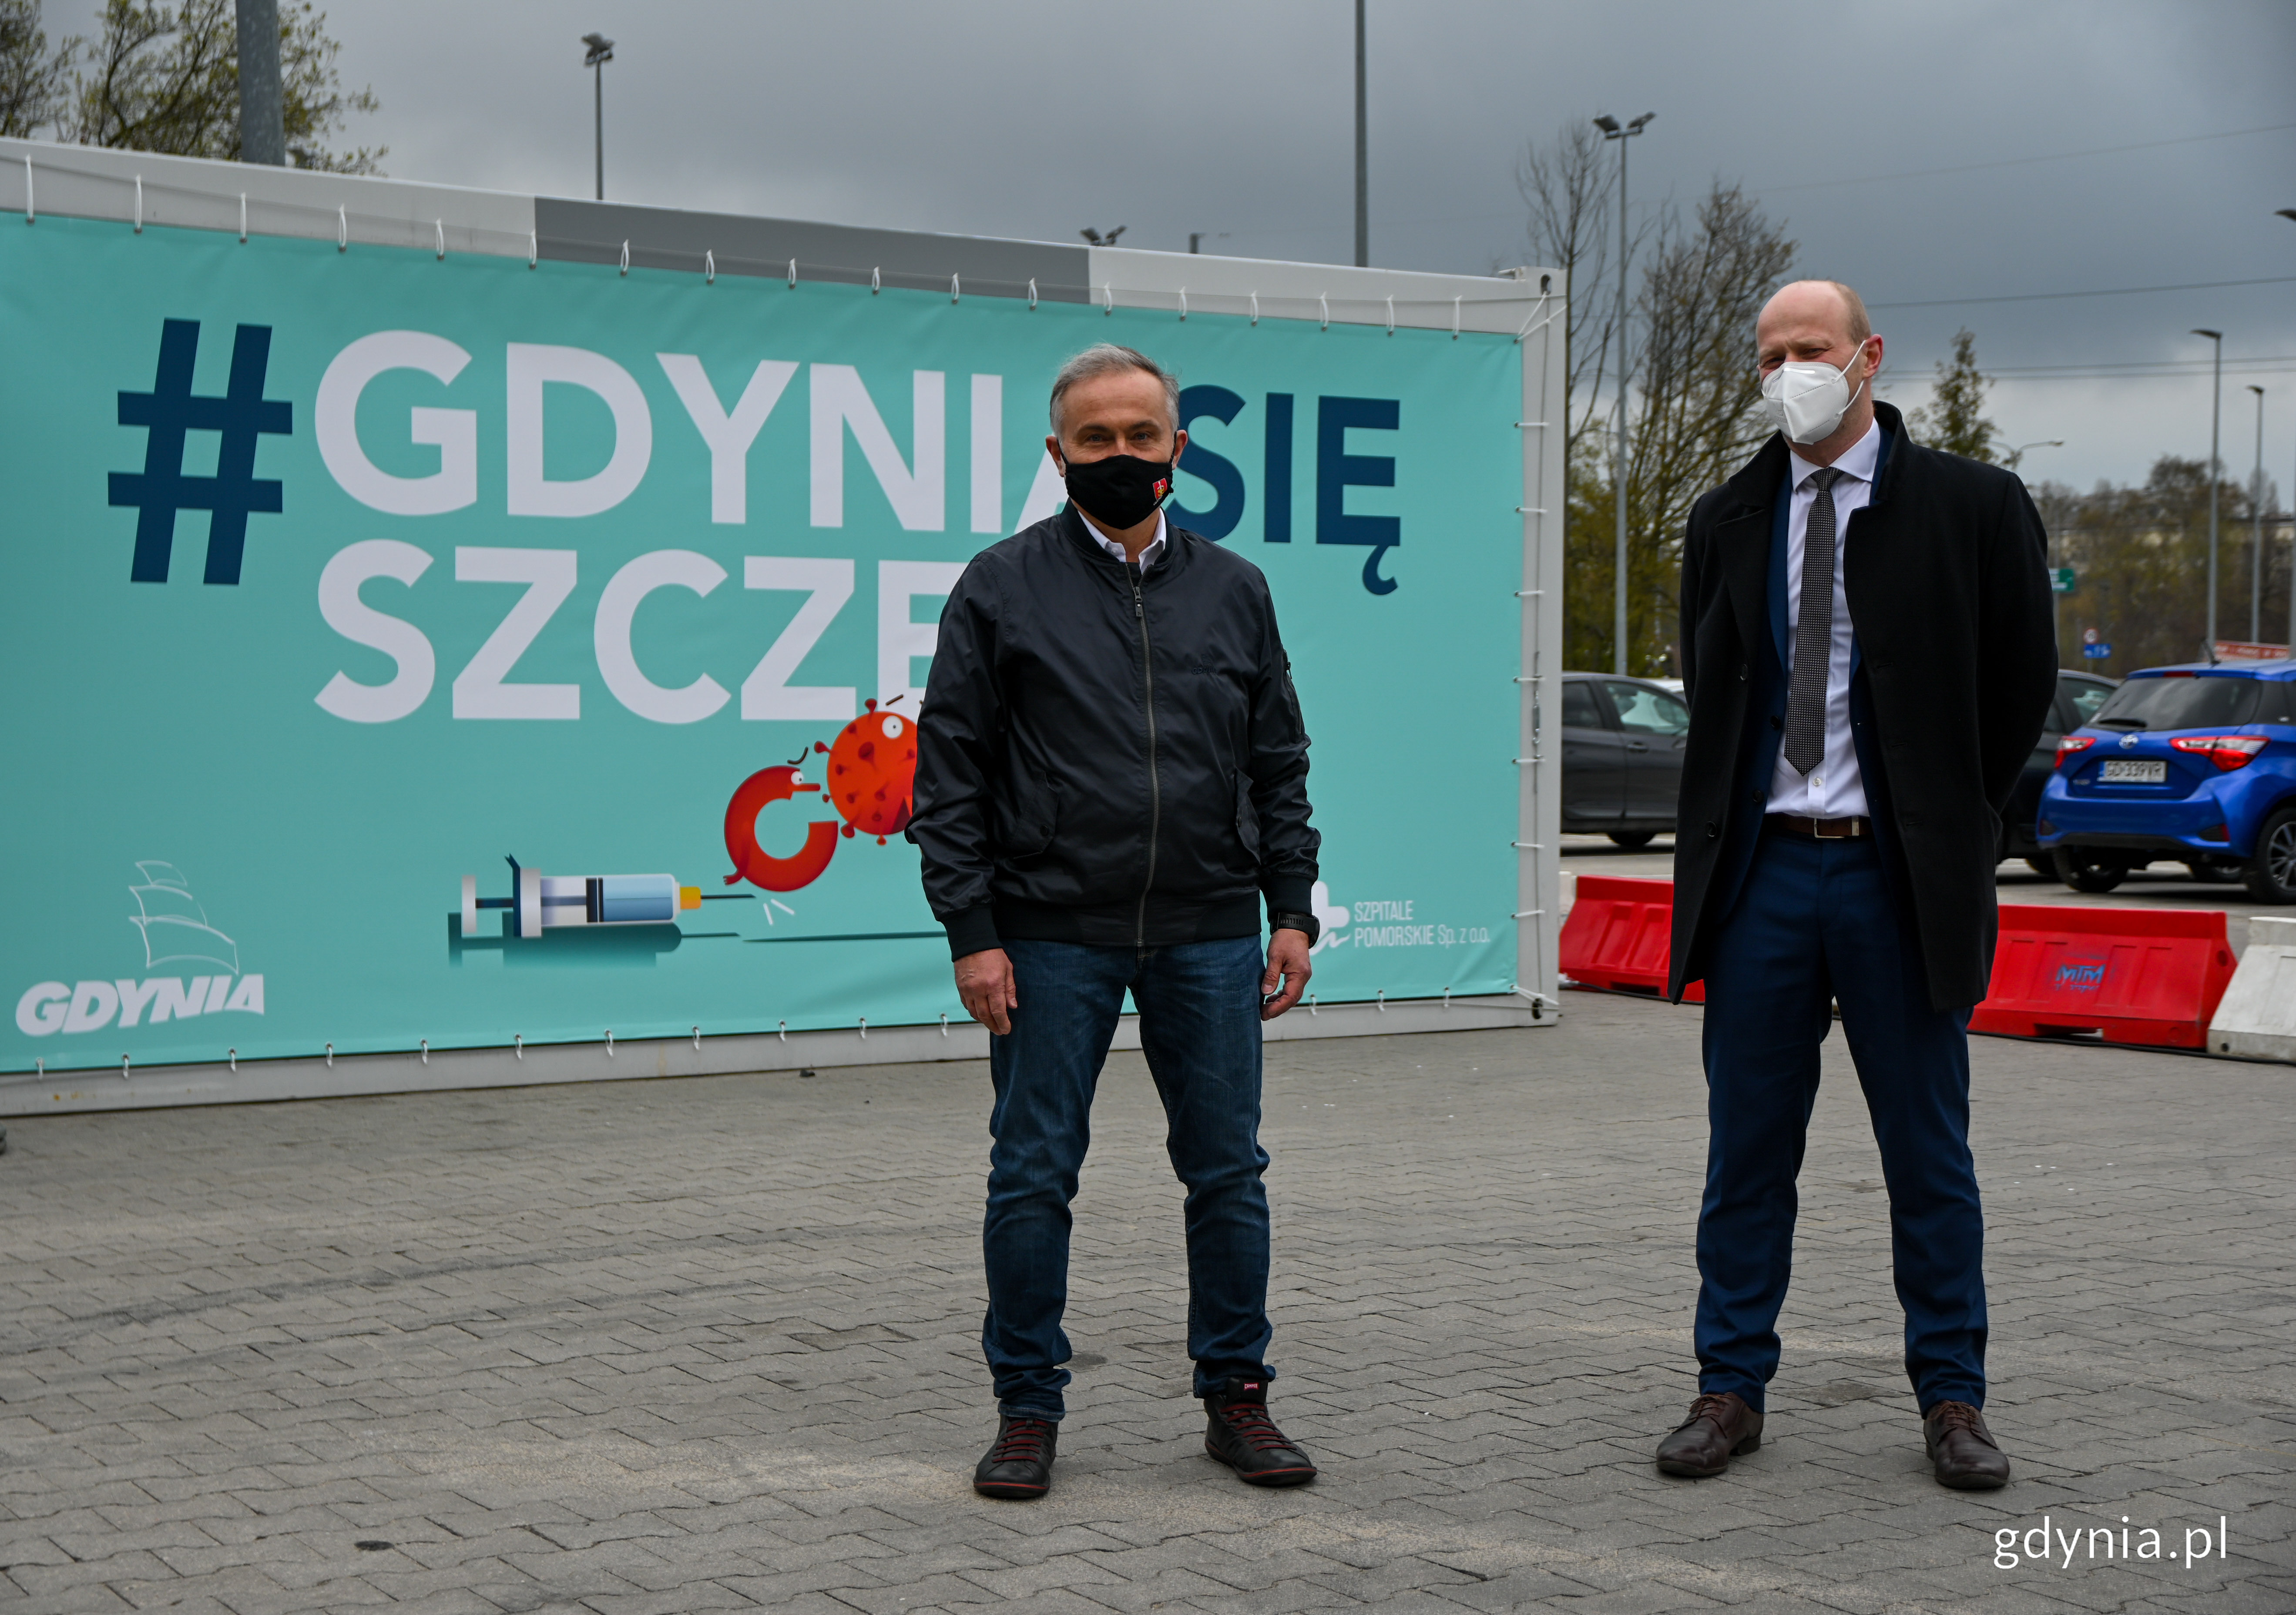 Na zdjęciu prezydent Gdyni - Wojciech Szczurek i wiceprezydent Gdyni ds. jakości życia - Bartosz Bartoszewicz // fot. Marcin Mielewski